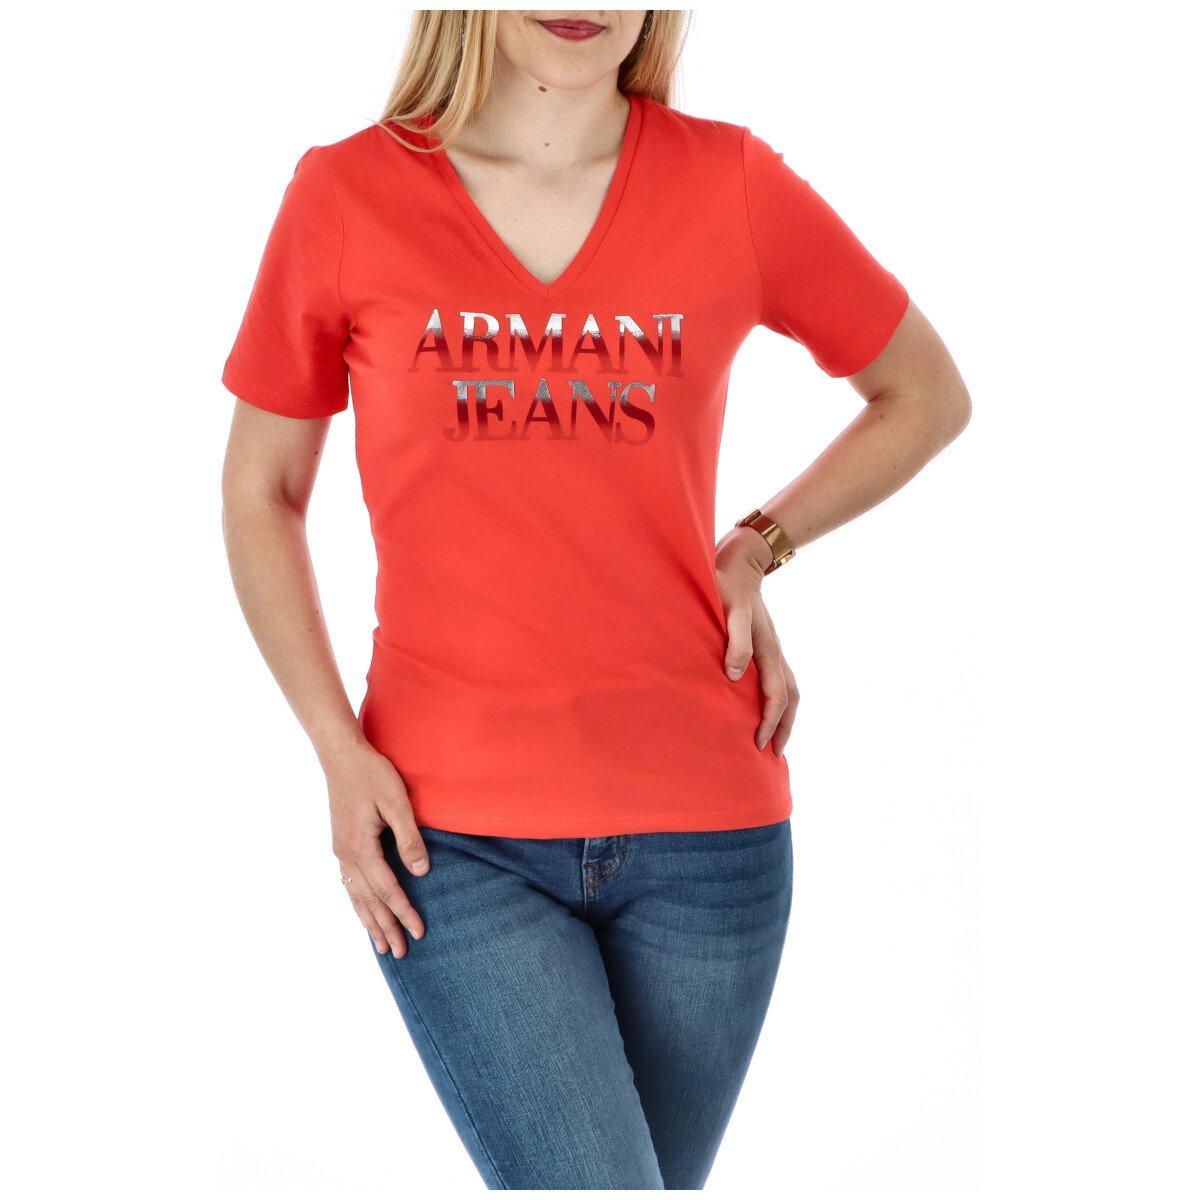 Armani Jeans Women's T-Shirt Various Colours 271608 - coral XS